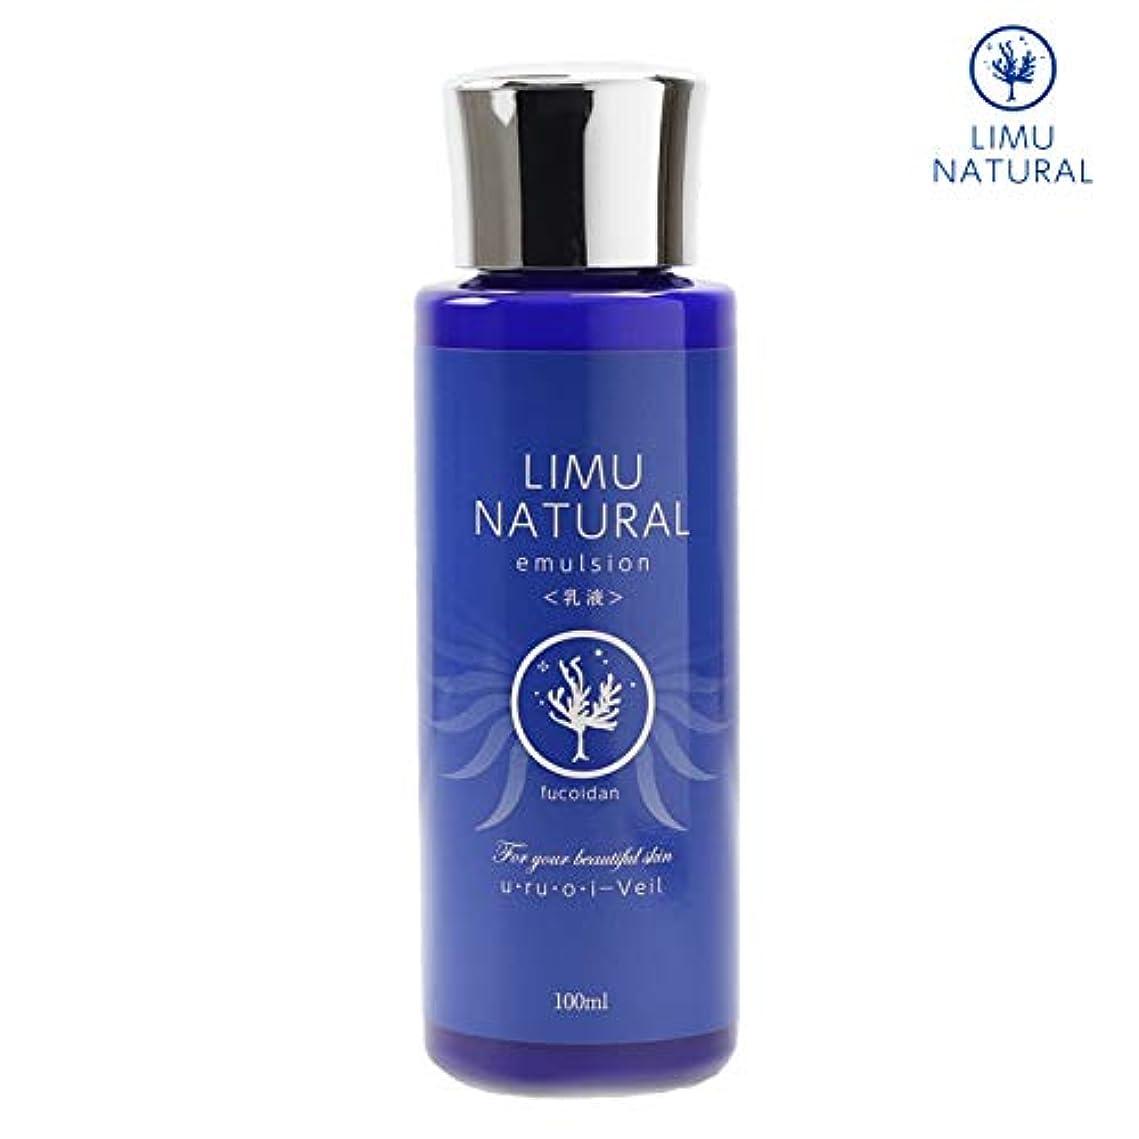 提供動物園風刺リムナチュラル 乳液 LIMU NATURAL EMULSION (100ml) 海の恵「フコイダン」と大地の恵「グリセリルグルコシド」を贅沢に配合